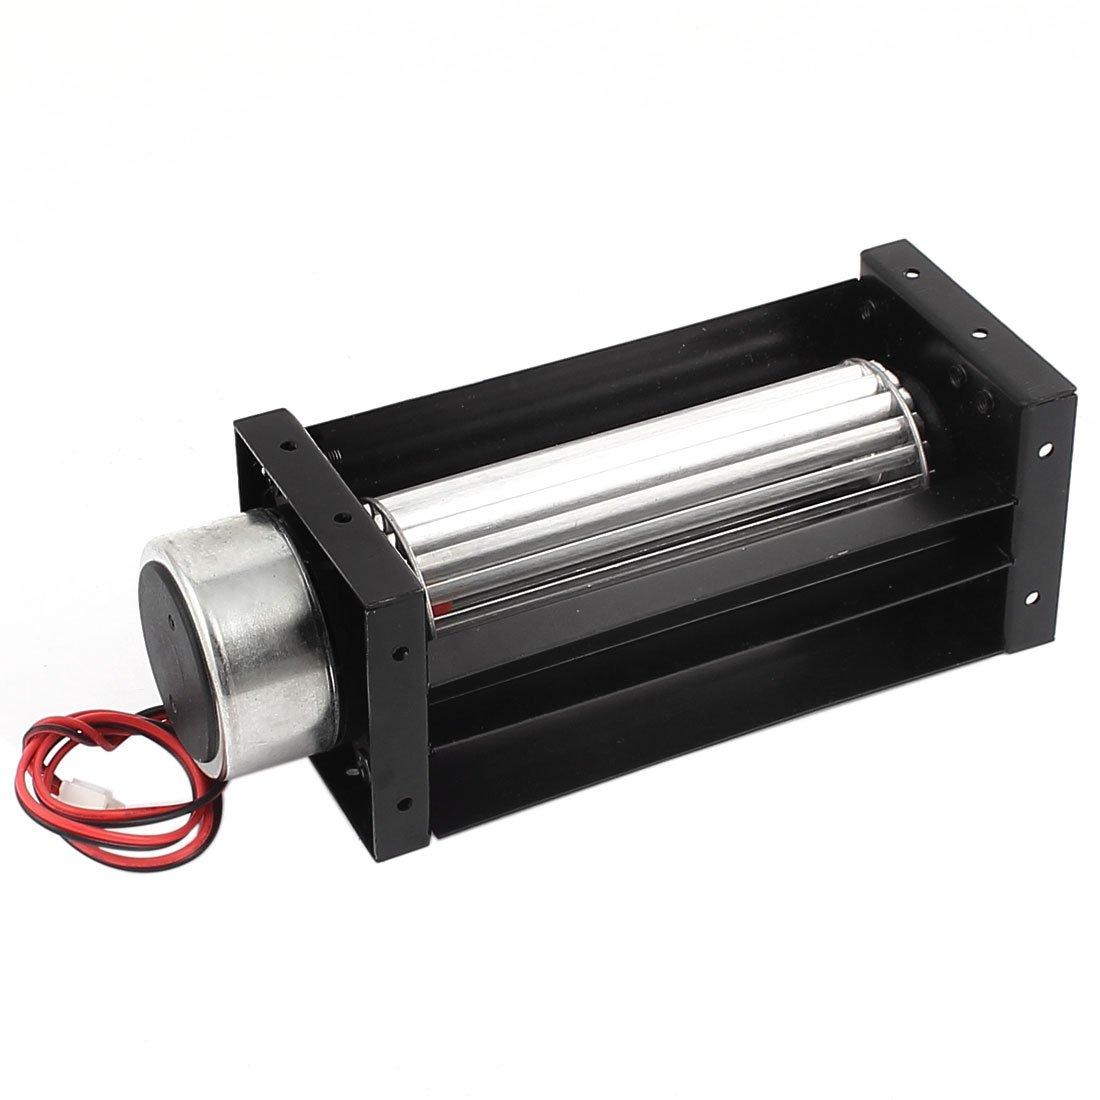 sourcingmap® DC 12V 0.15A 3200giri/min flusso trasversale della ventola raffreddamento dello scambiatore calore freddo amplificatore Turbo sourcing map a15102200ux0143